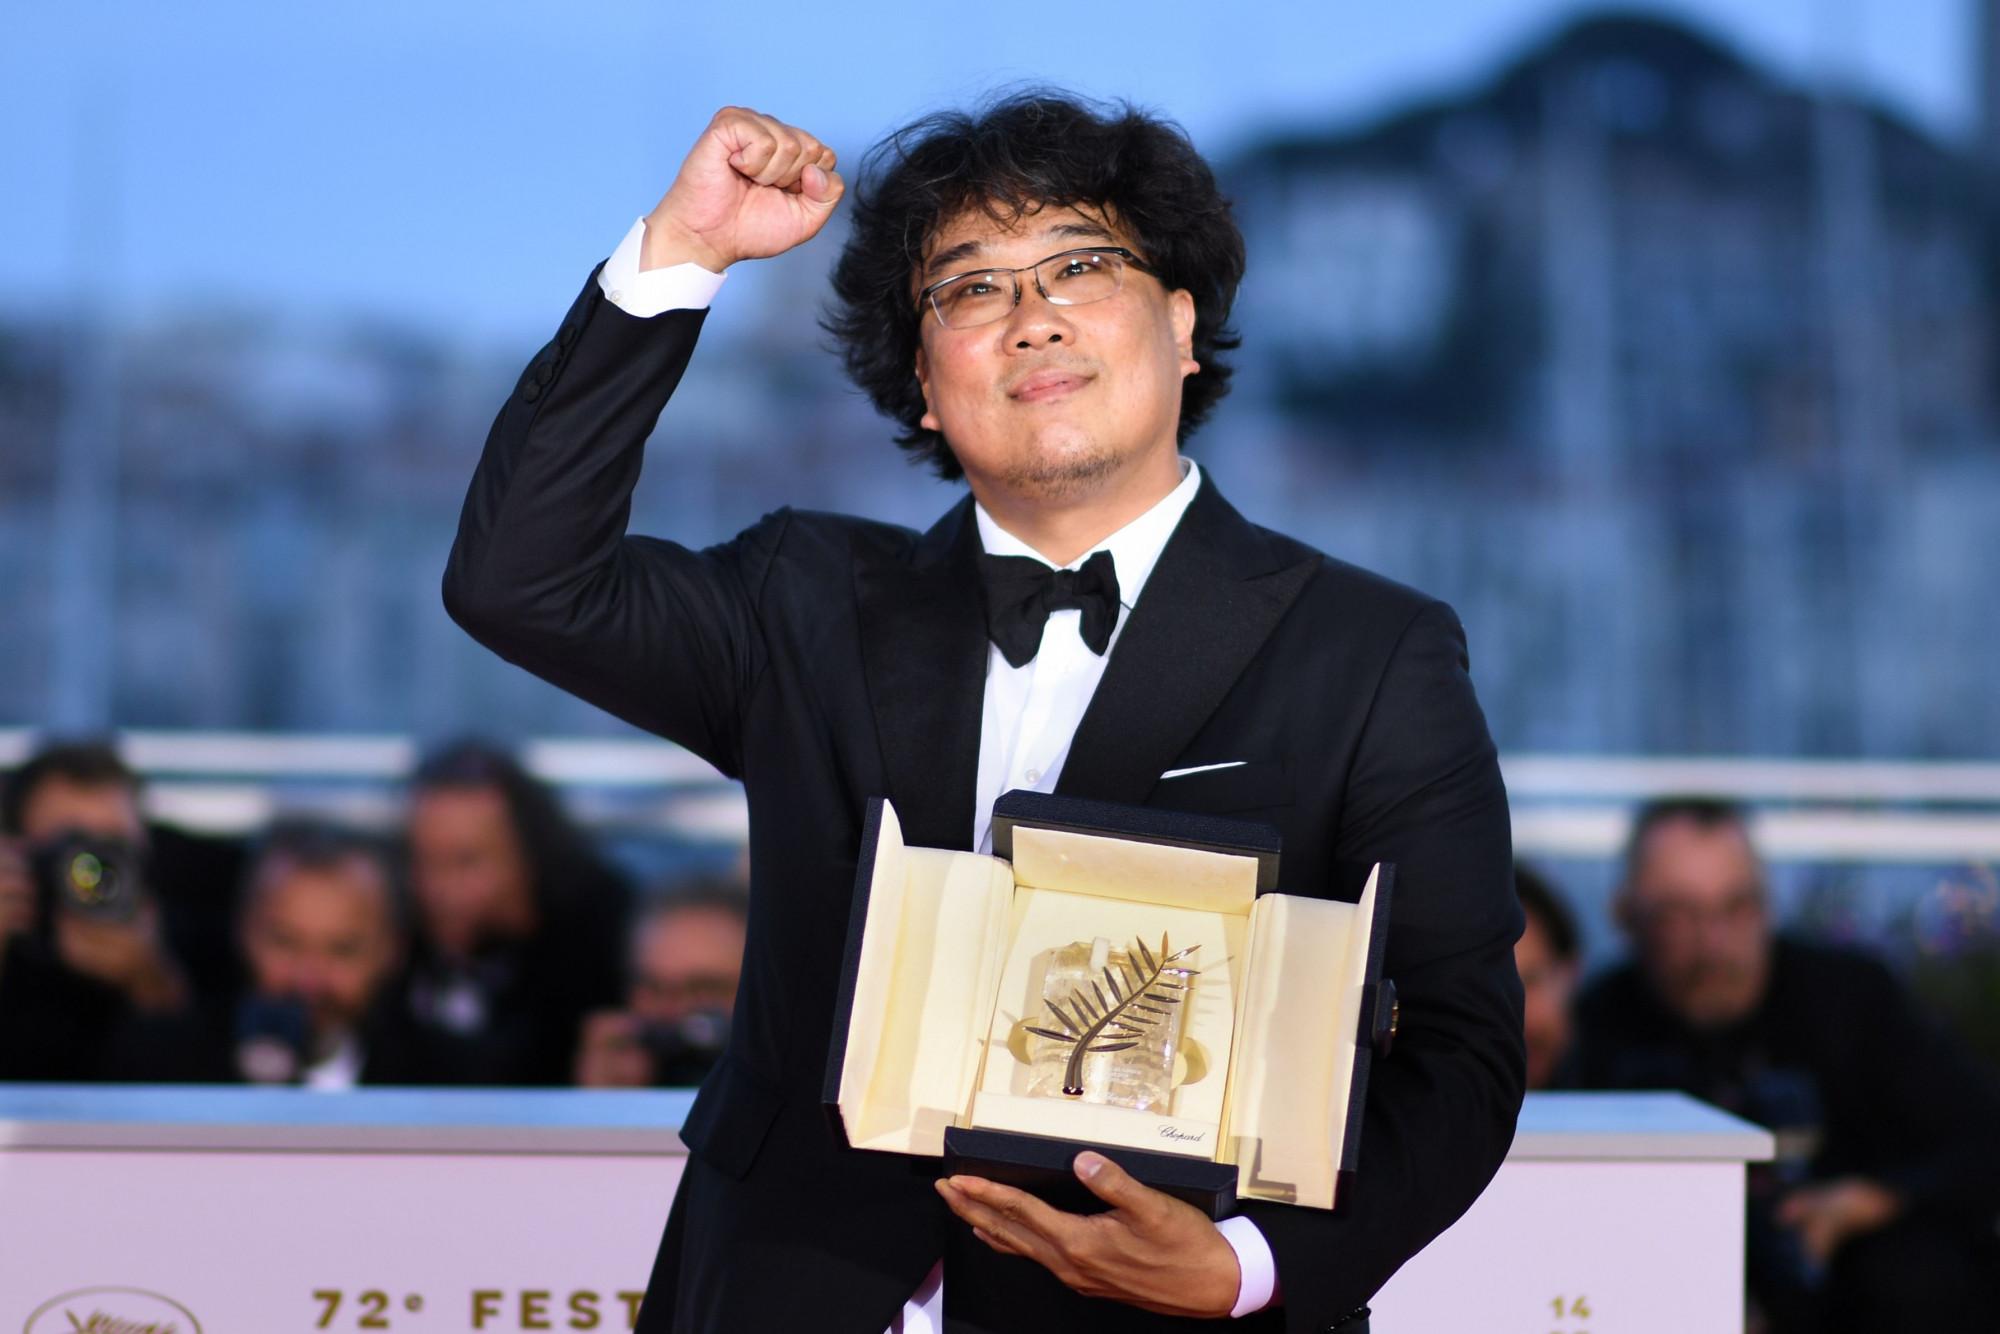 Đạo diễn Bong Joon-ho khoe chiến thắng tại LHP Cannes 2019.